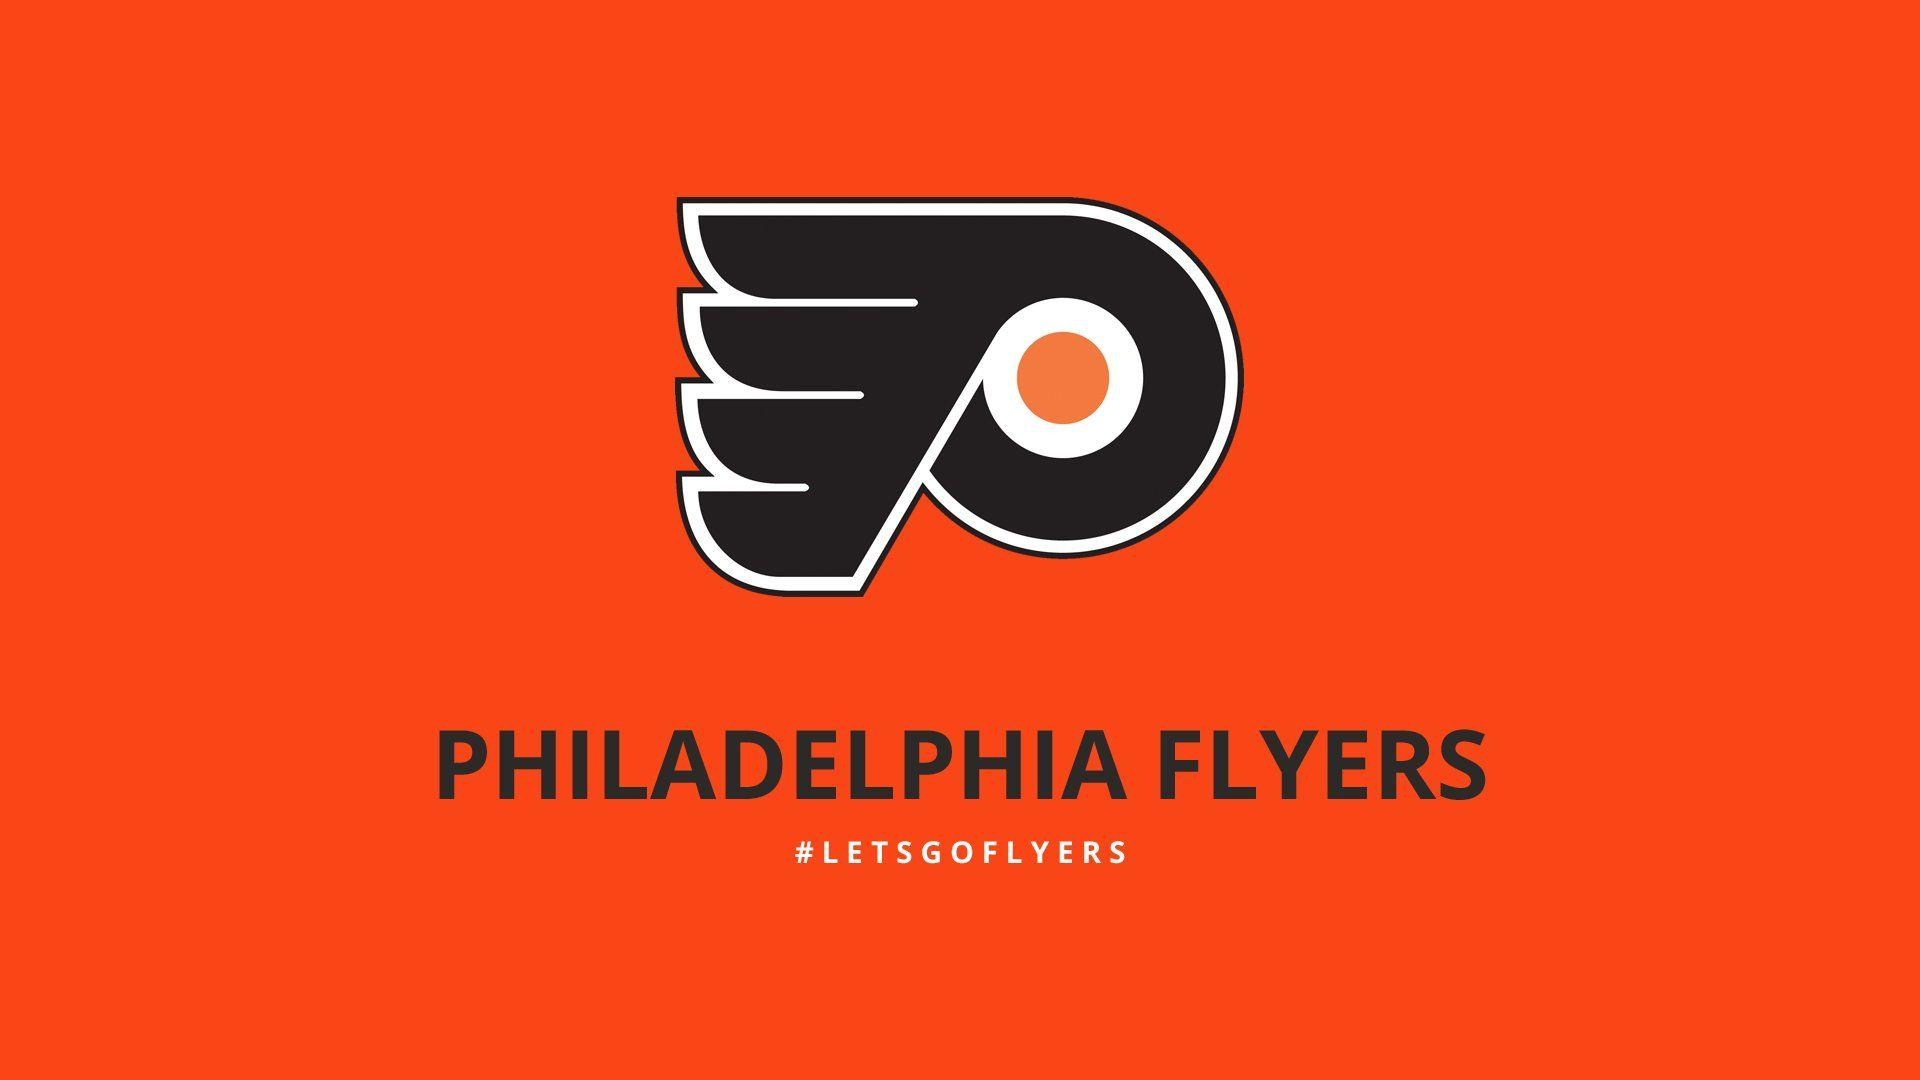 Phillies Iphone Wallpaper Philadelphia Flyers Desktop Wallpapers Wallpaper Cave